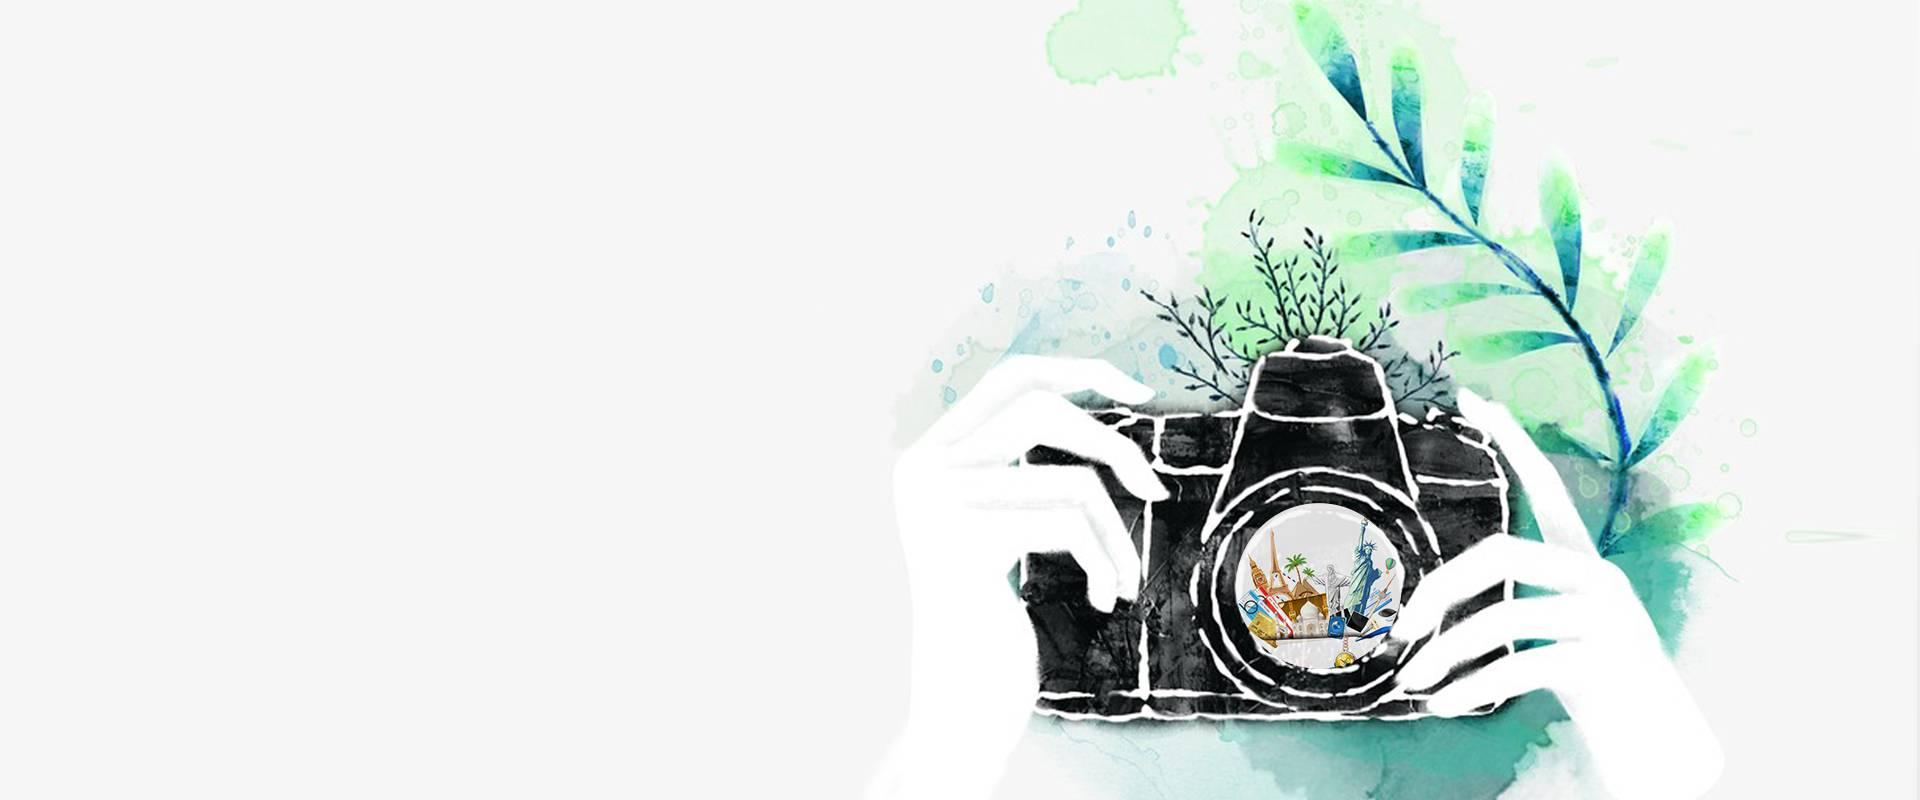 【上海伊甸园外景拍摄】39.9元疯抢伊甸园Baby摄影套餐,周末及法定节假日不加价!全场服装任选,3套服装造型+蝴蝶湾取景+送相册+台框+本组6张底片+皮夹照+文具五件套!去过的客人都说服务棒棒哒!~